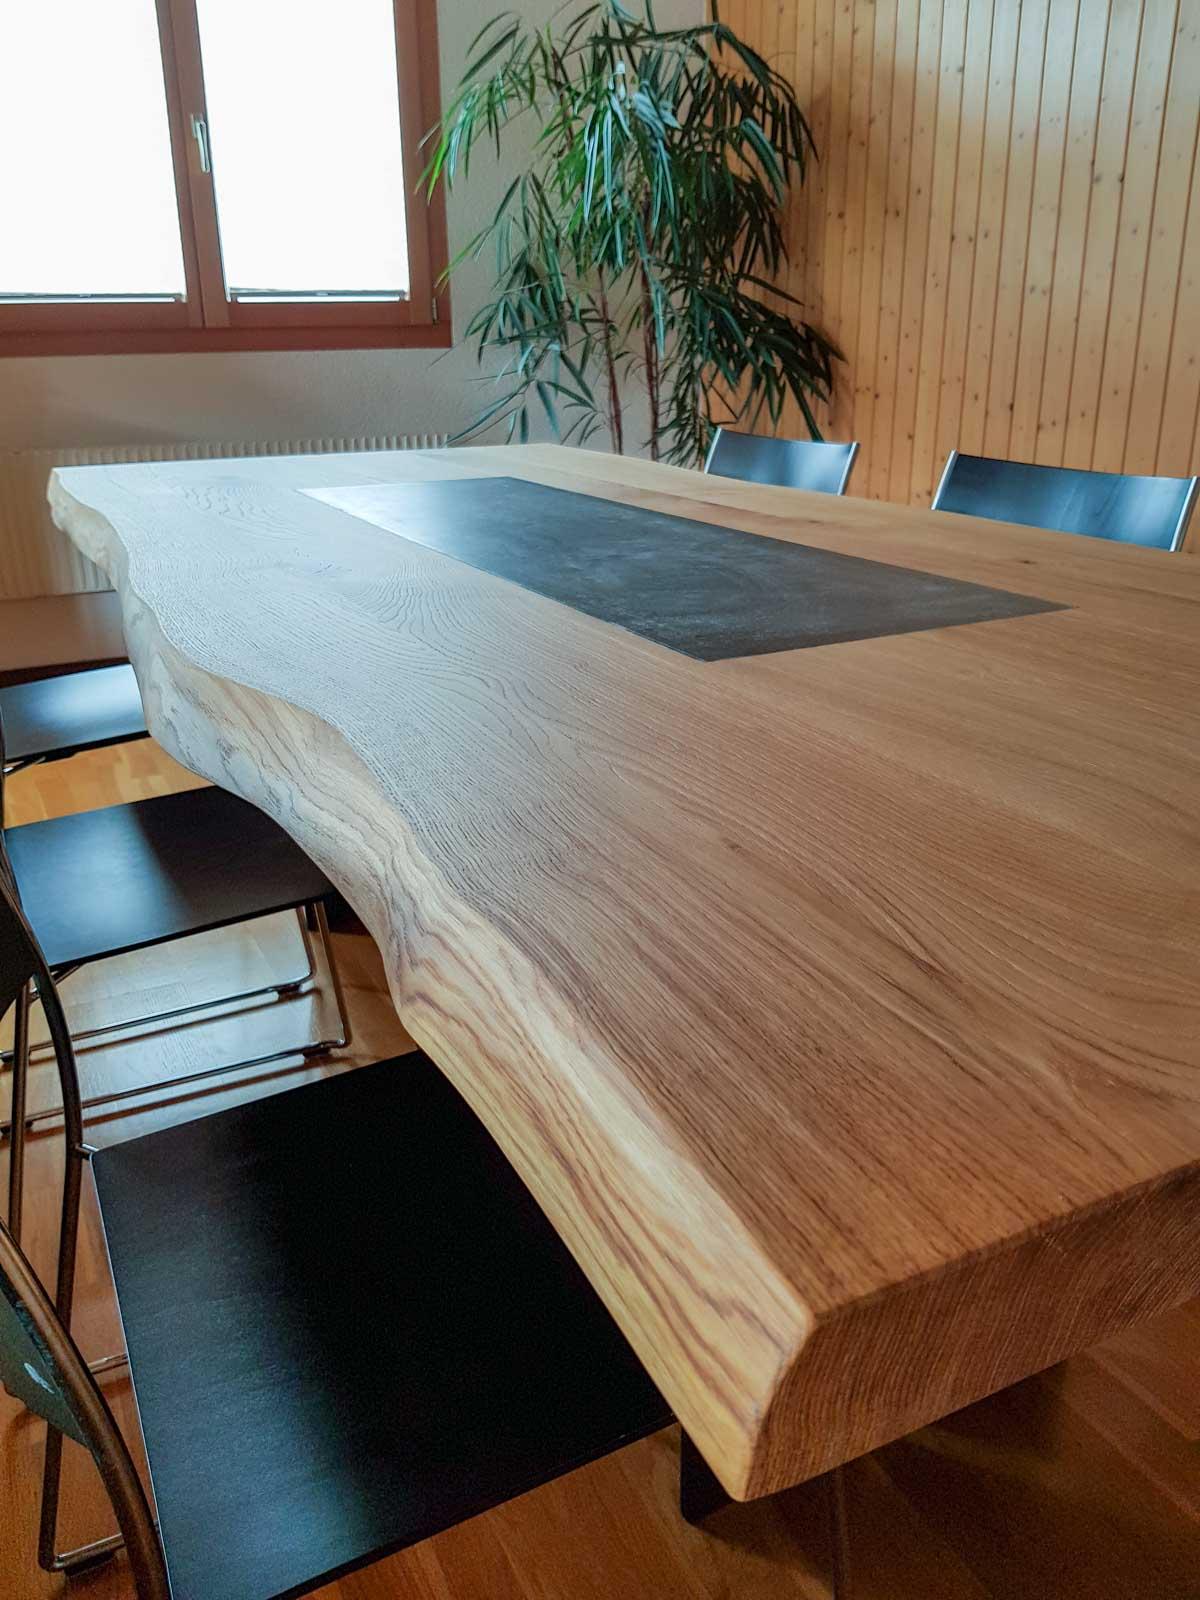 Wooddesign_Tisch_Baumkante_Schwarzstahl_Tischeinlage_Keramik_Eiche (4)